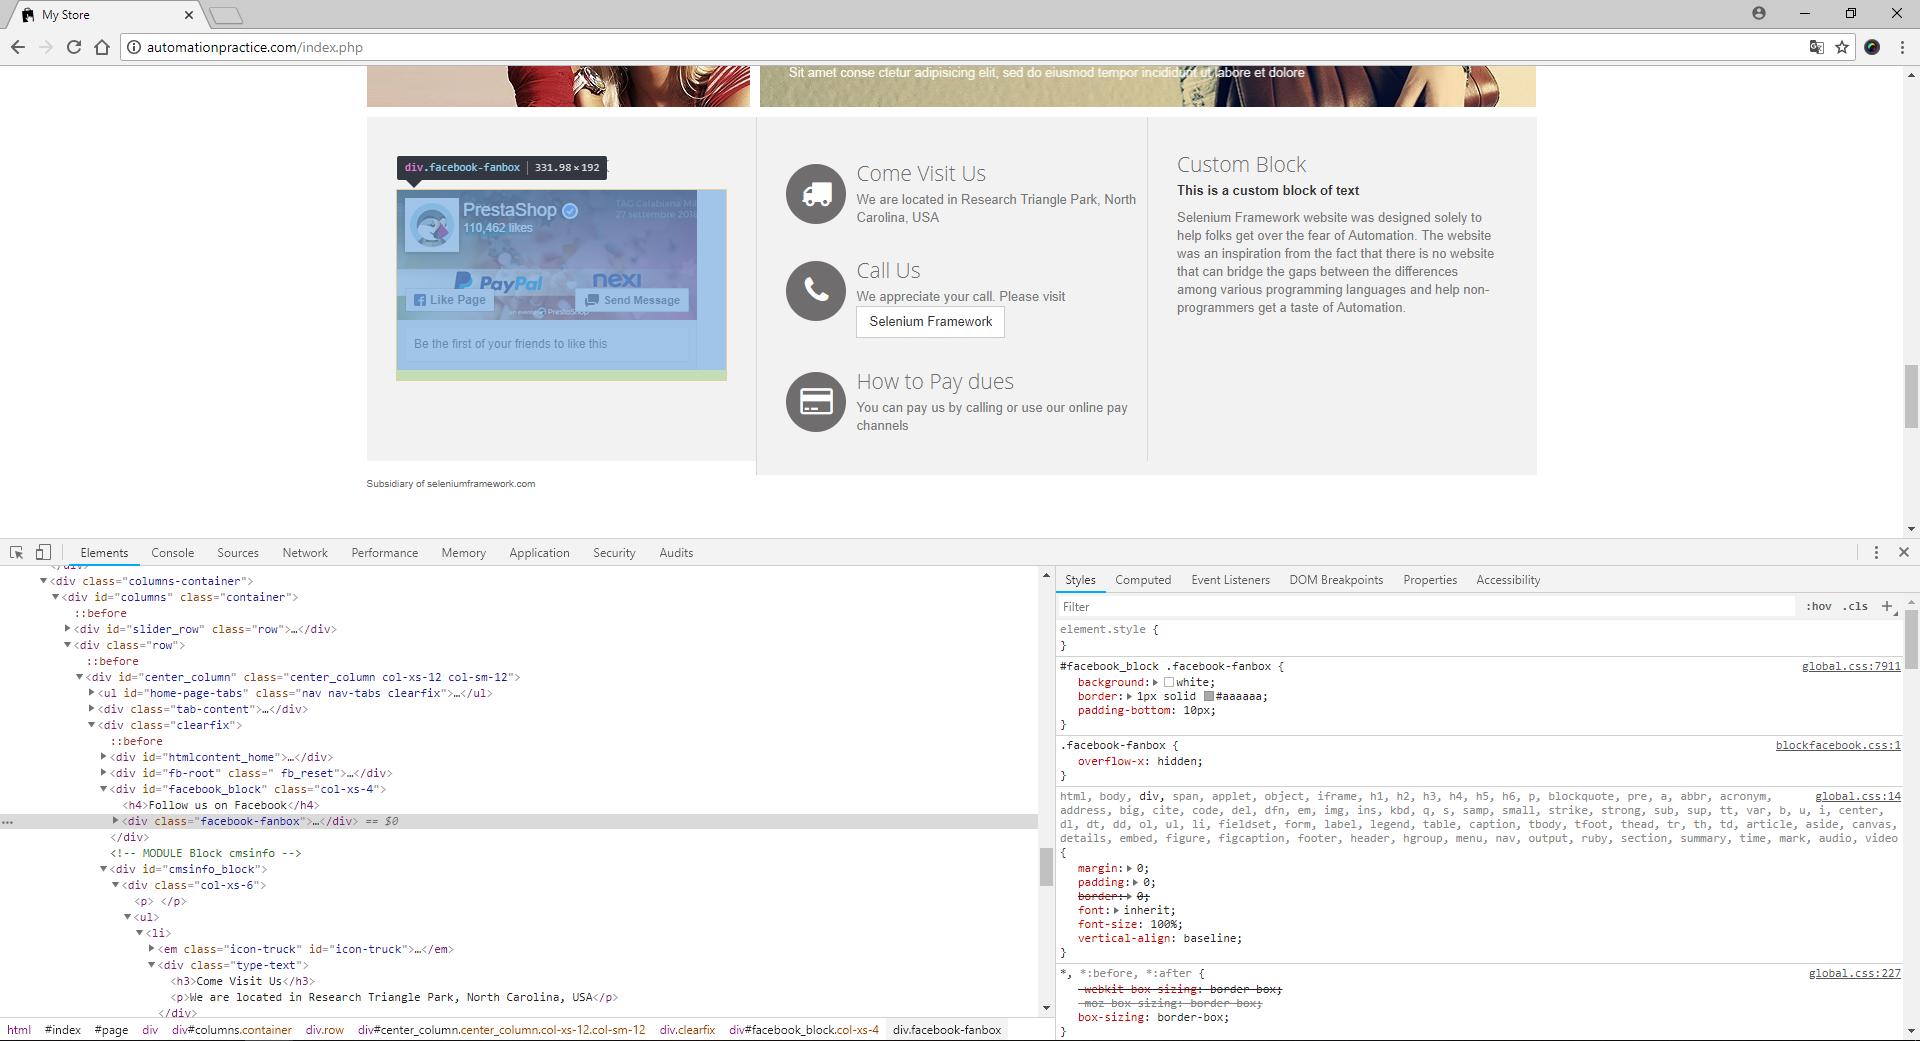 Konsola deweloperska - przykład stylu CSS na stronie automationpractice.com